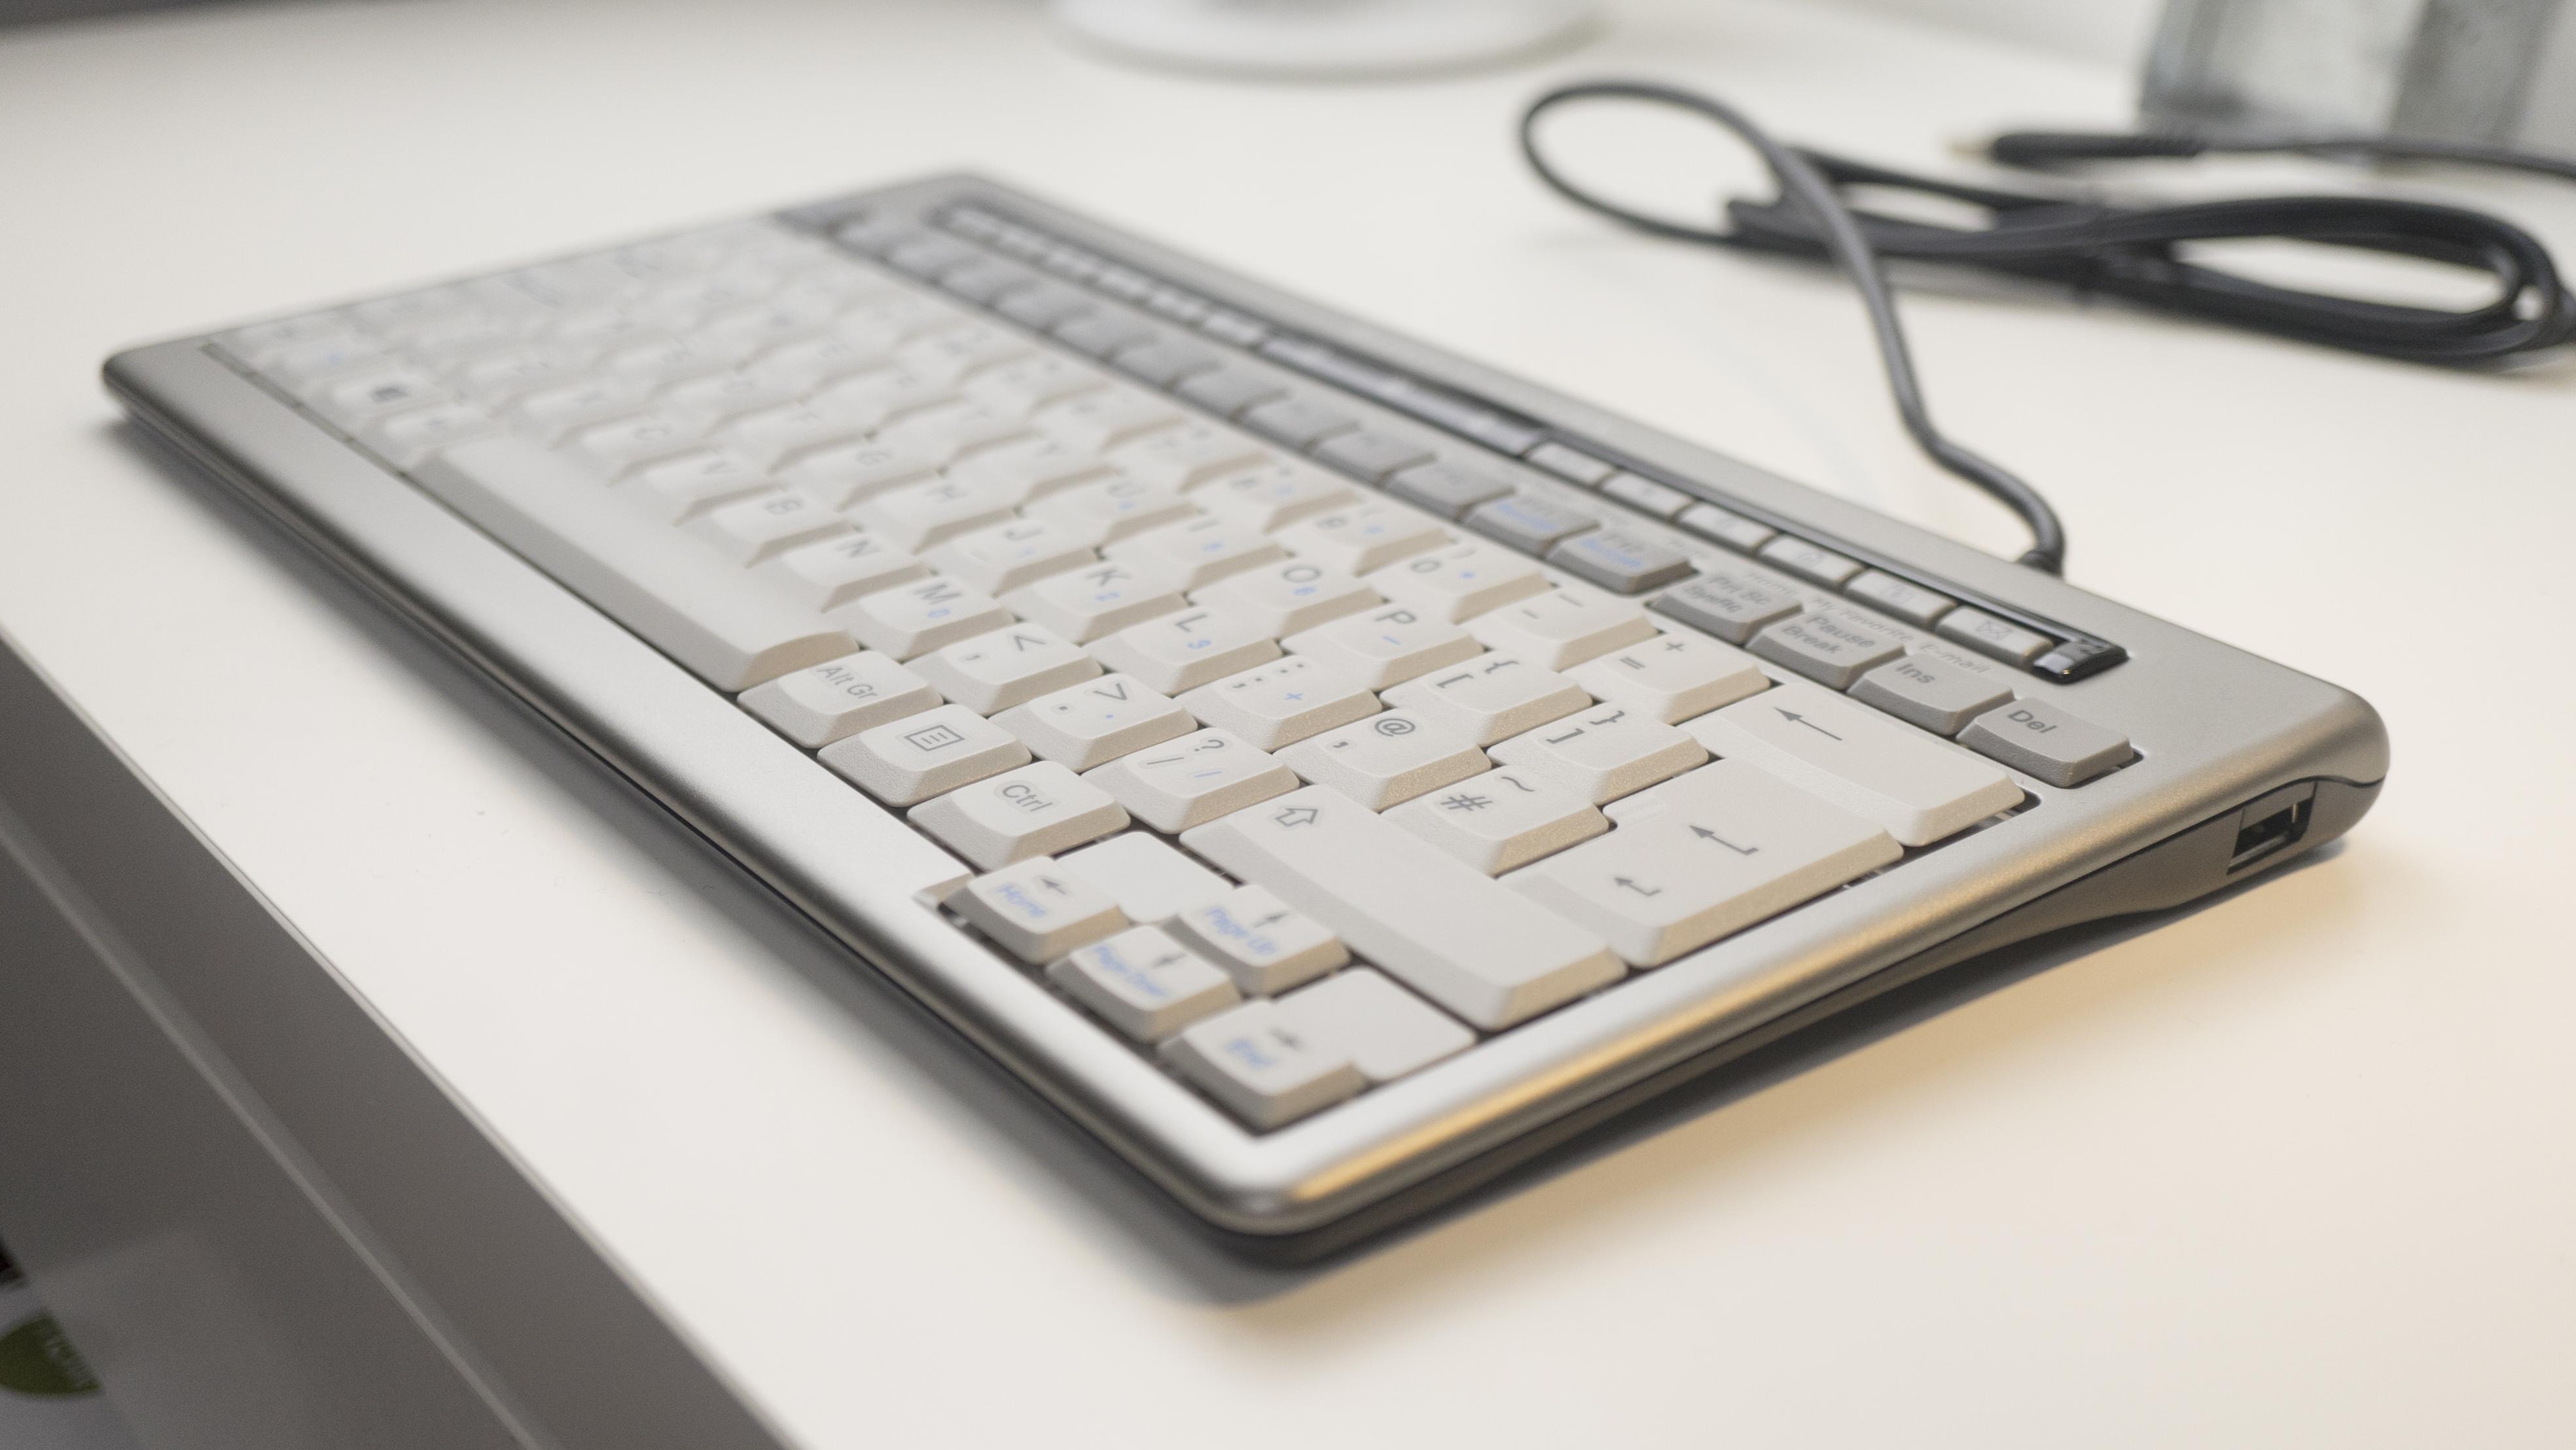 Bakker Elkuizen S-Board 840 Design Keyboard Review ...